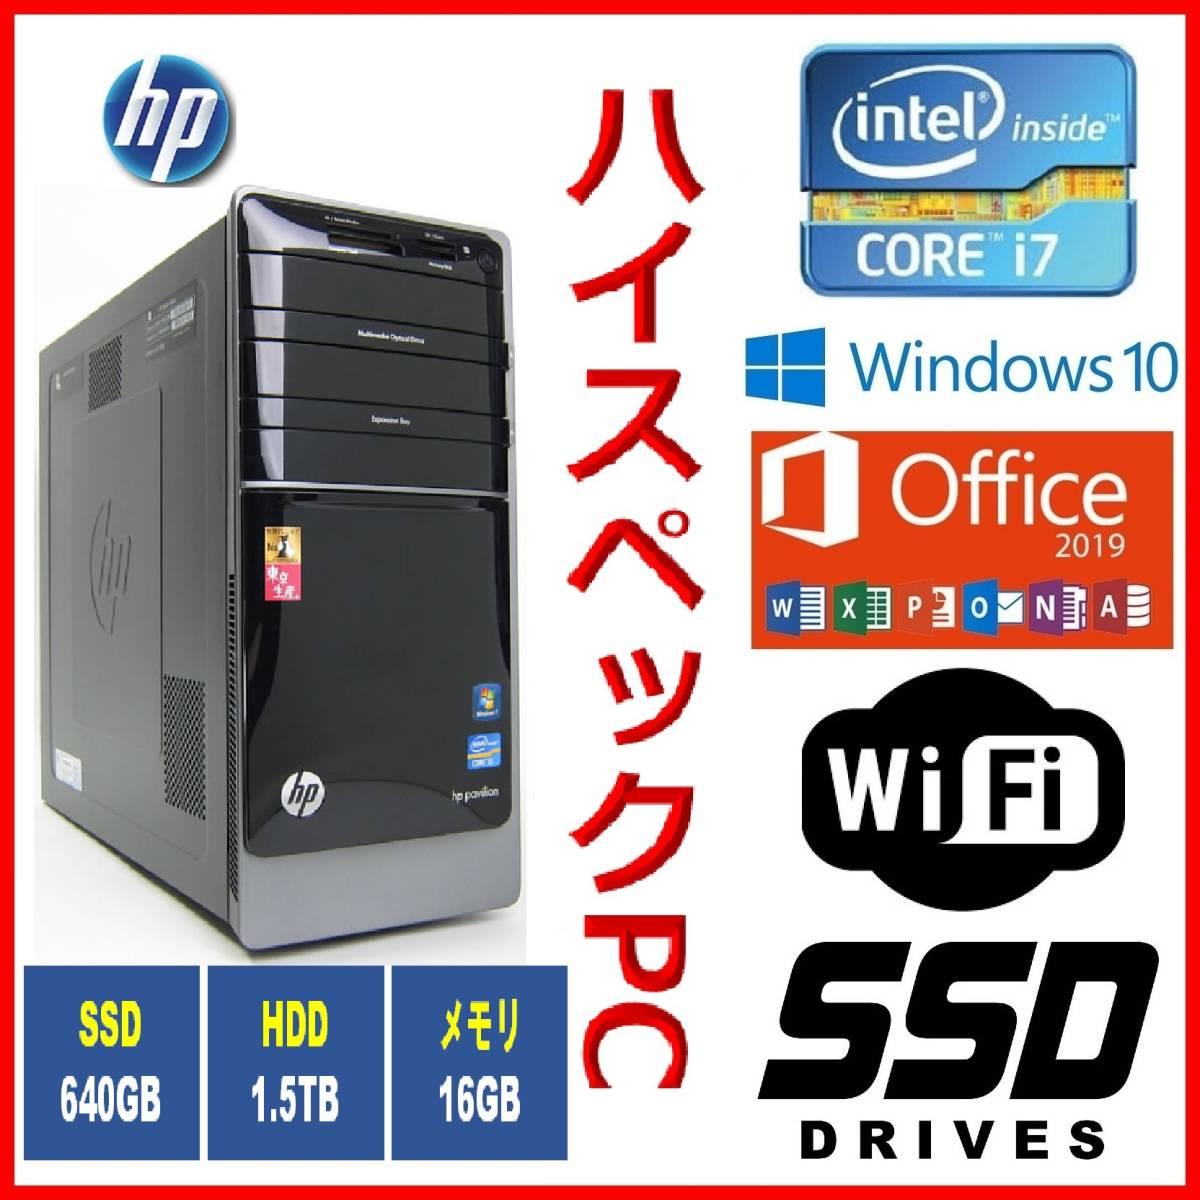 ▼超高速 i7 (3.8Gx8)/新品SSD640G+HDD1.5TB/大容量16Gメモリ/Wi-Fi/HDMI/2画面/HP Pavilion p7-1040jp改